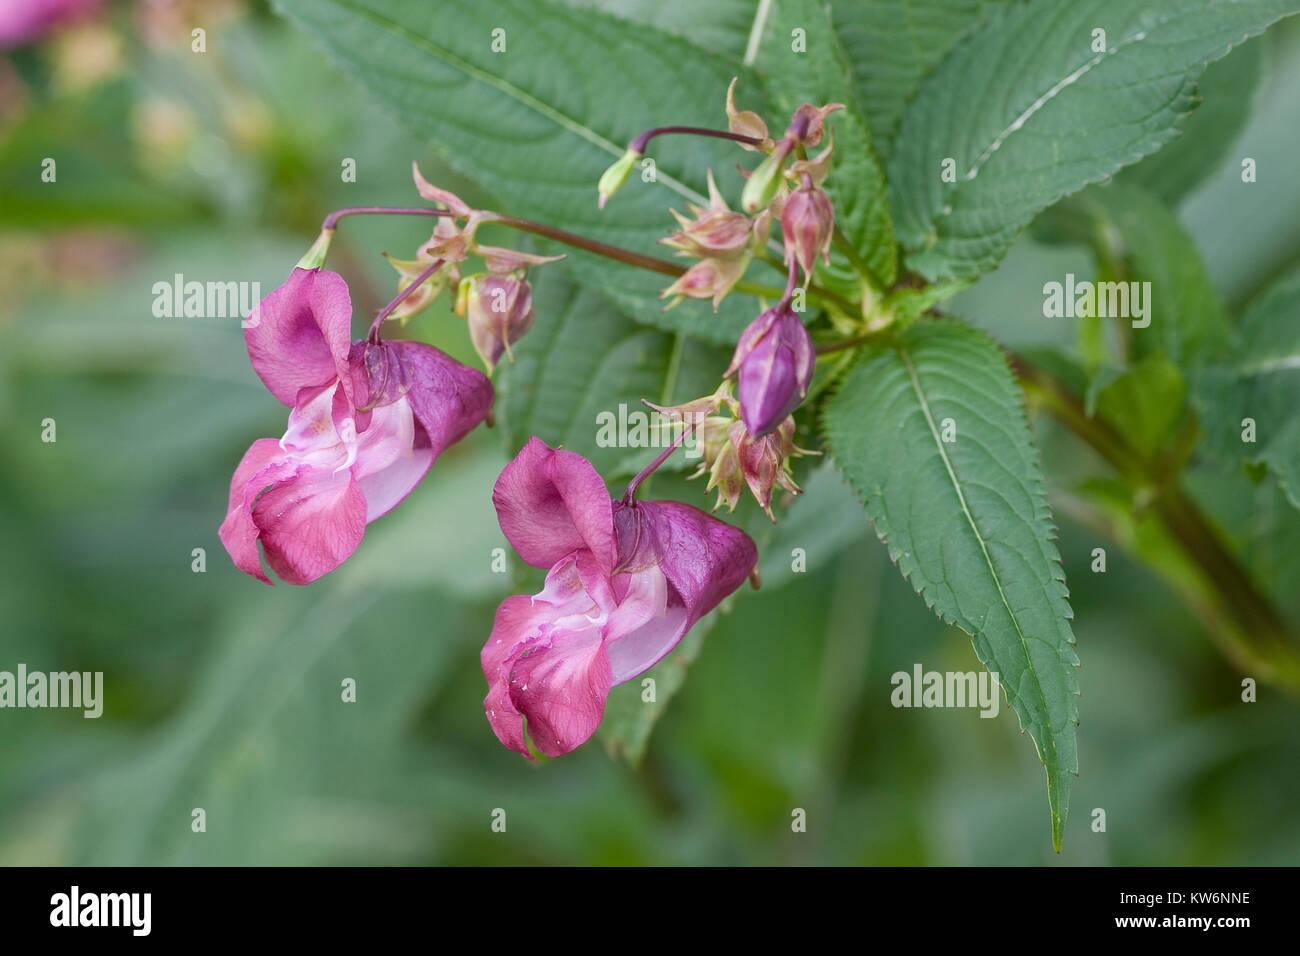 Indisches Springkraut, Drüsiges Springkraut, Impatiens glandulifera, Bálsamo del Himalaya, el casco del policía Foto de stock